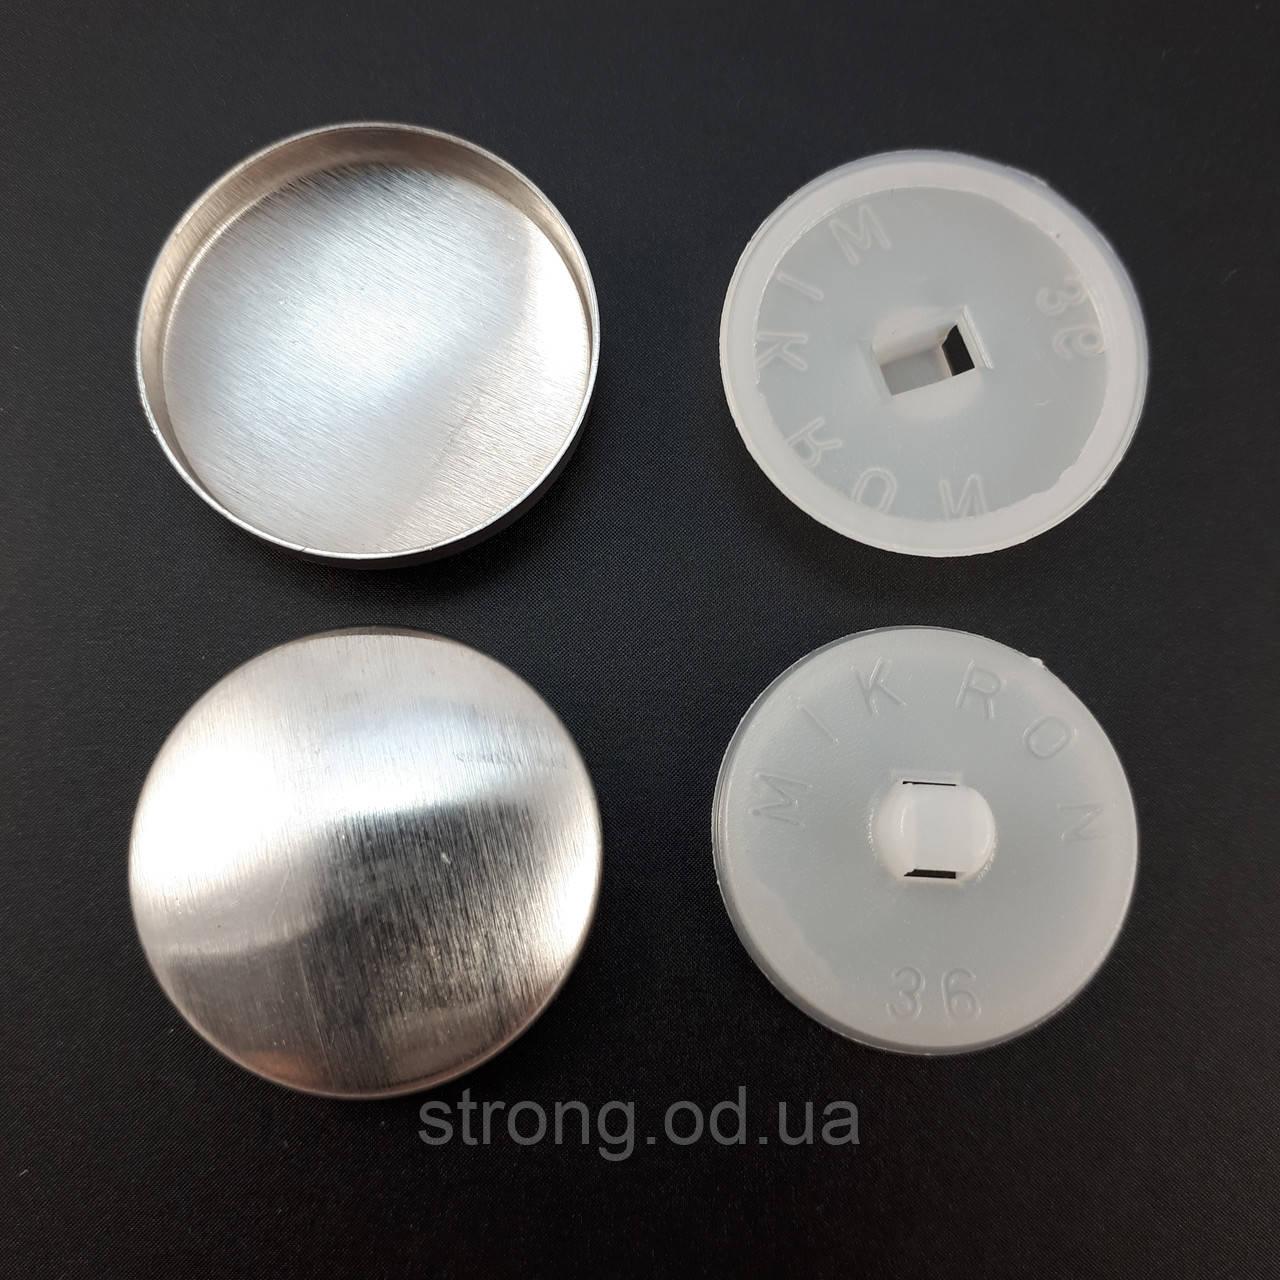 Пуговица под обтяжку на пластиковой ножке №36 - 21,8 мм белая